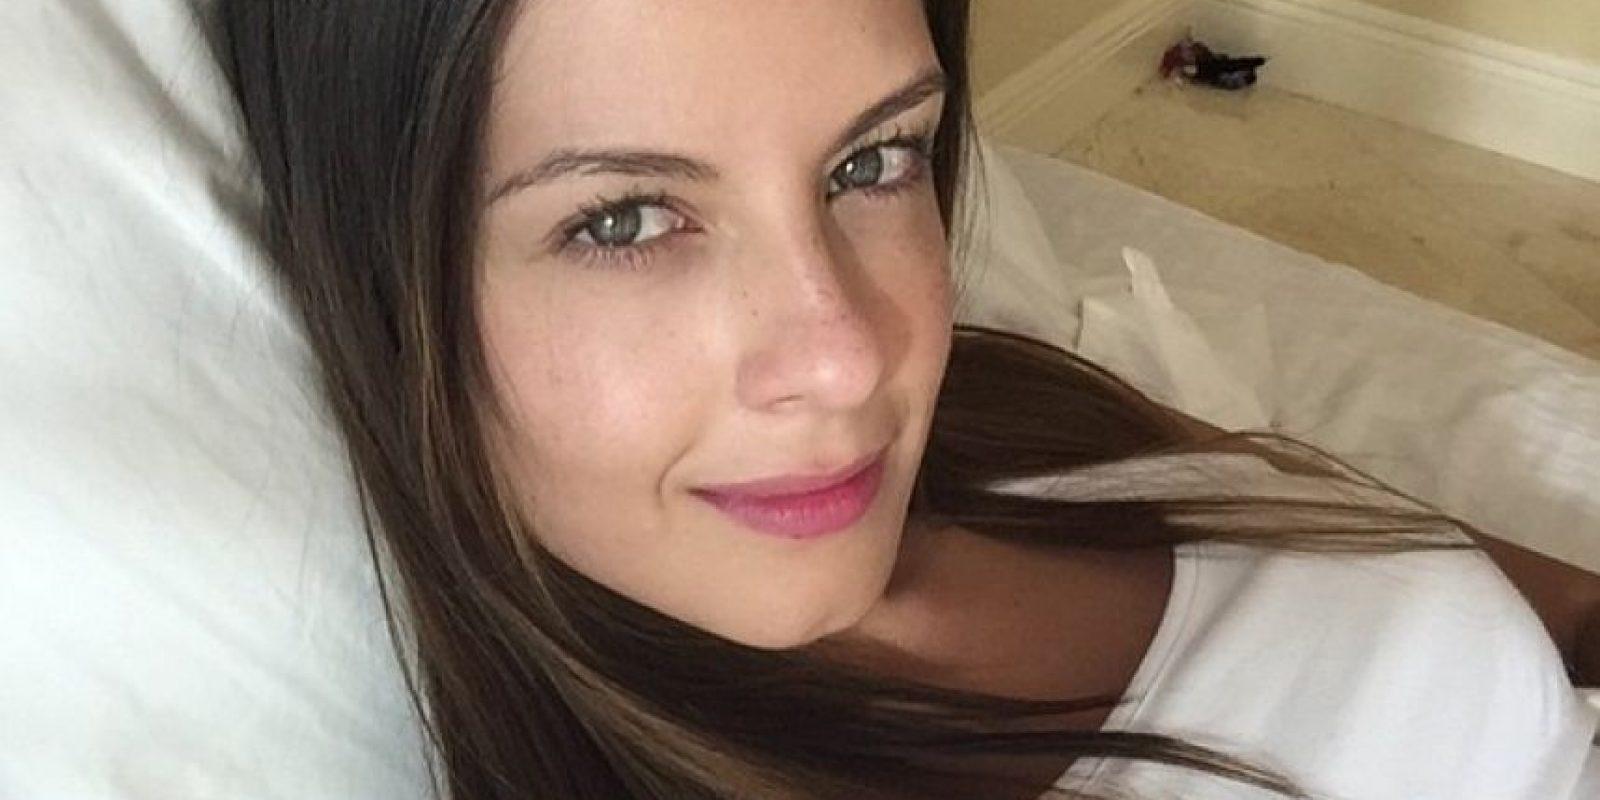 La presentadora de RCN sufrió un accidente en la vía La Calera Foto:Instagram laura_acunarcn